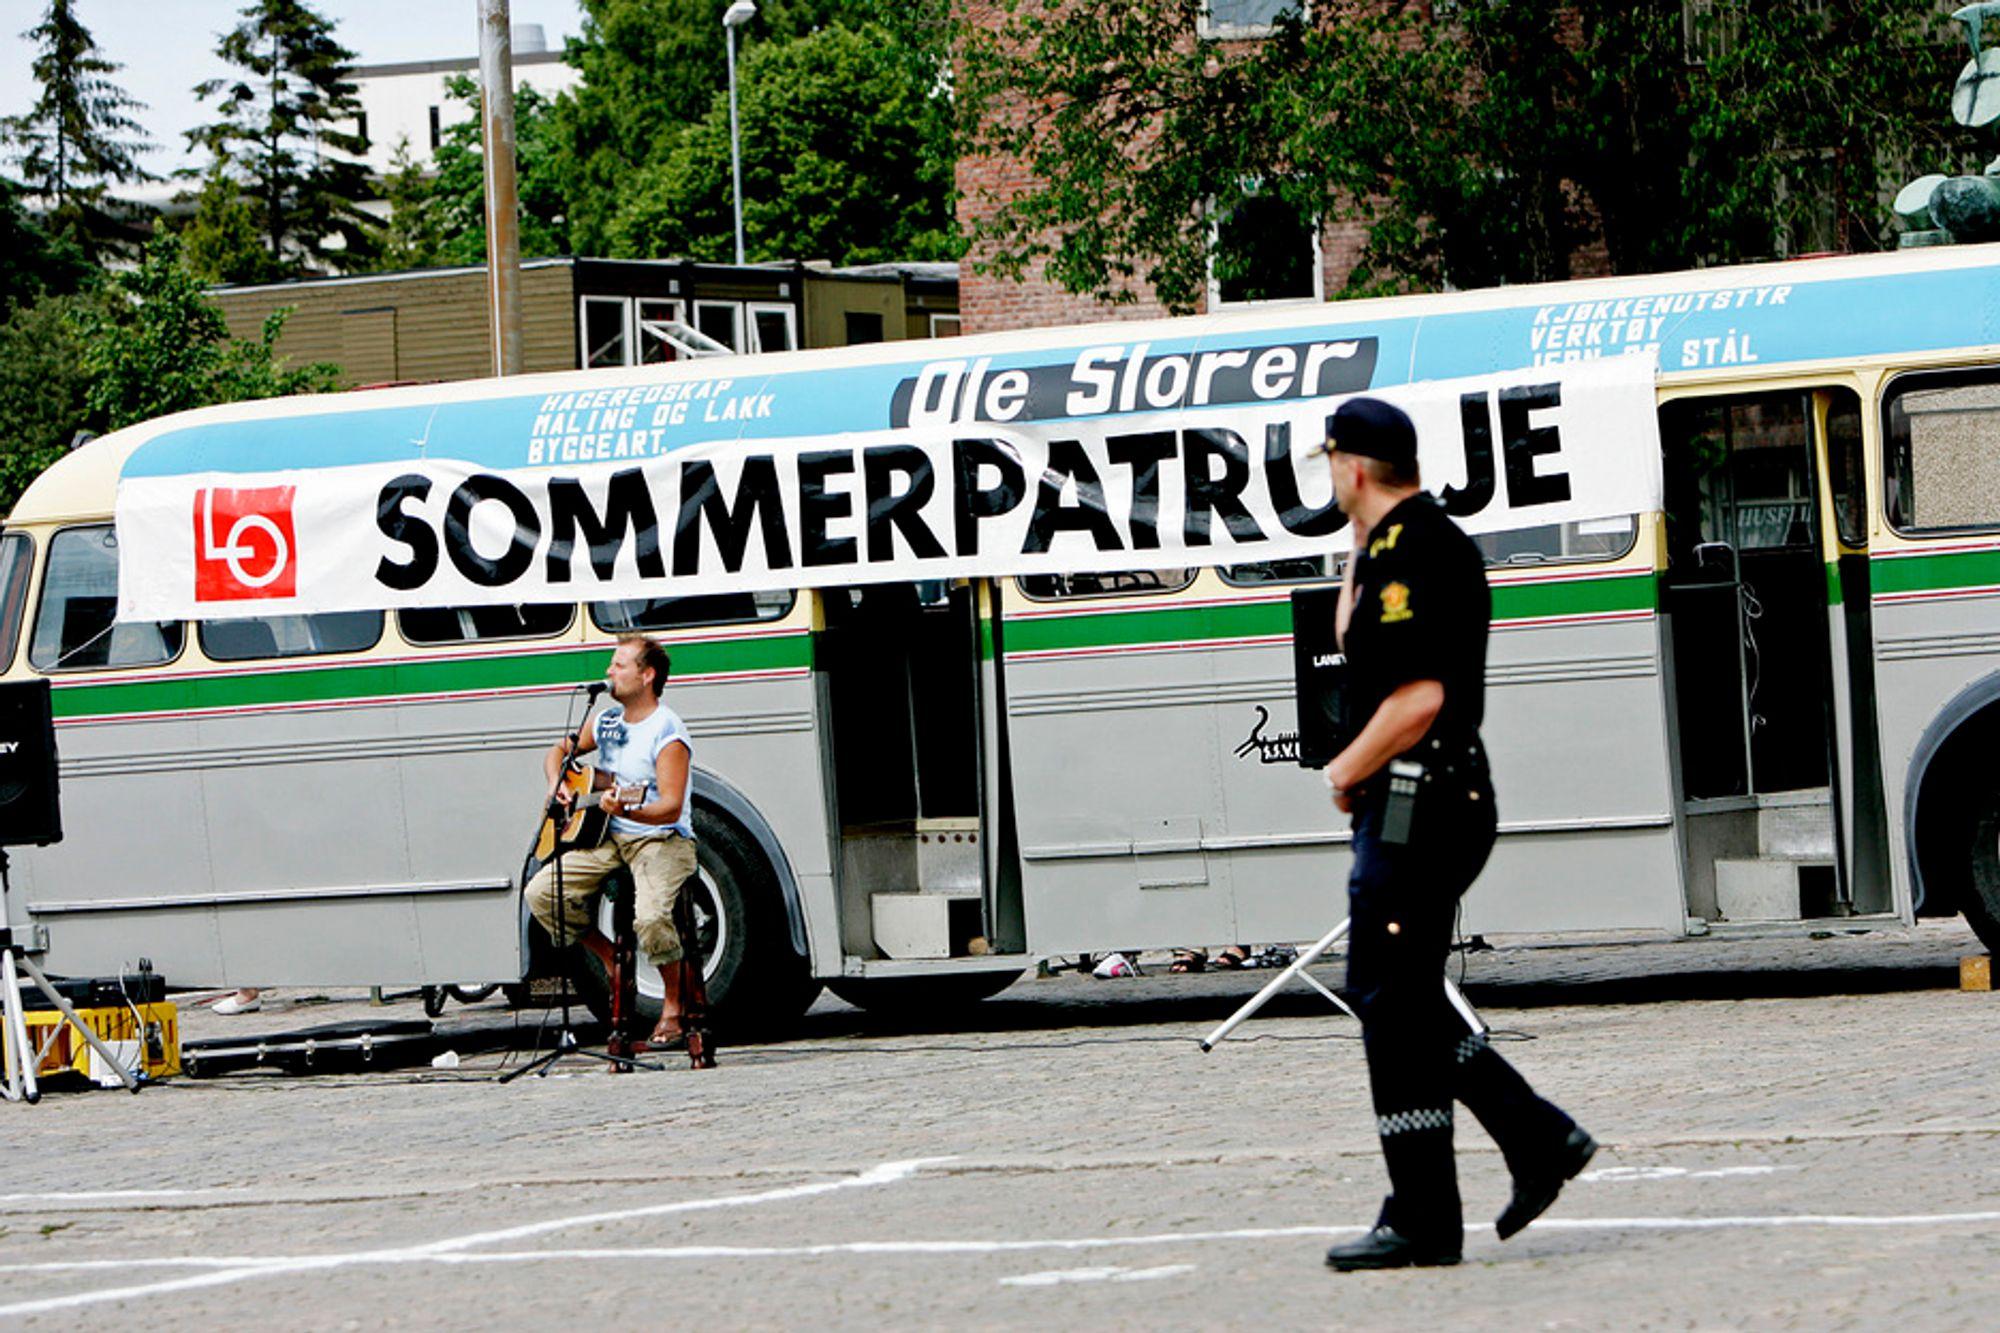 LOs sommerpatrulje avdekket færre lovbrudd i bedriftene de sjekket i år enn i fjor.